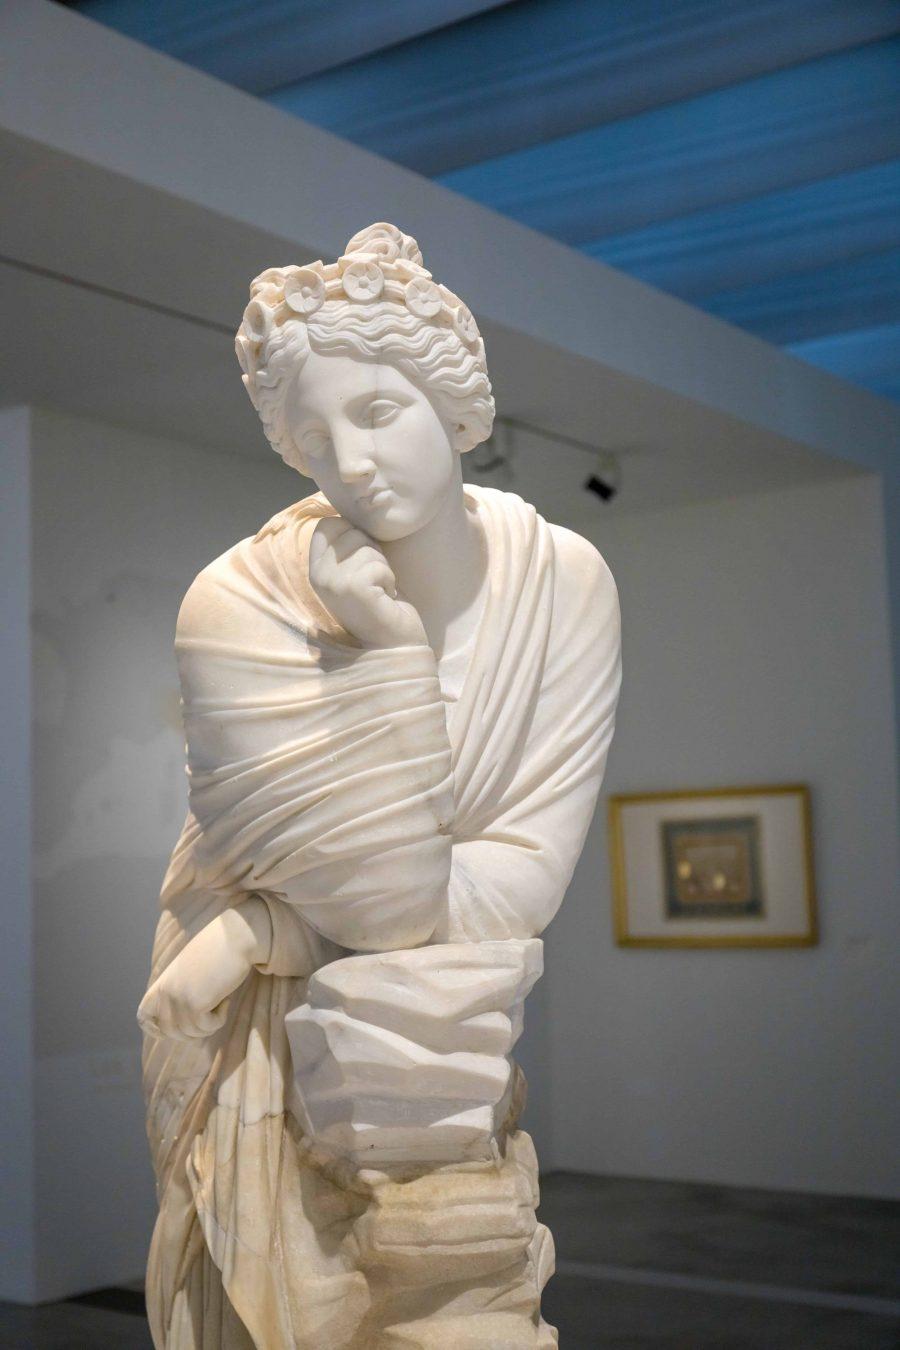 Déesse au musée du Louvre Lens